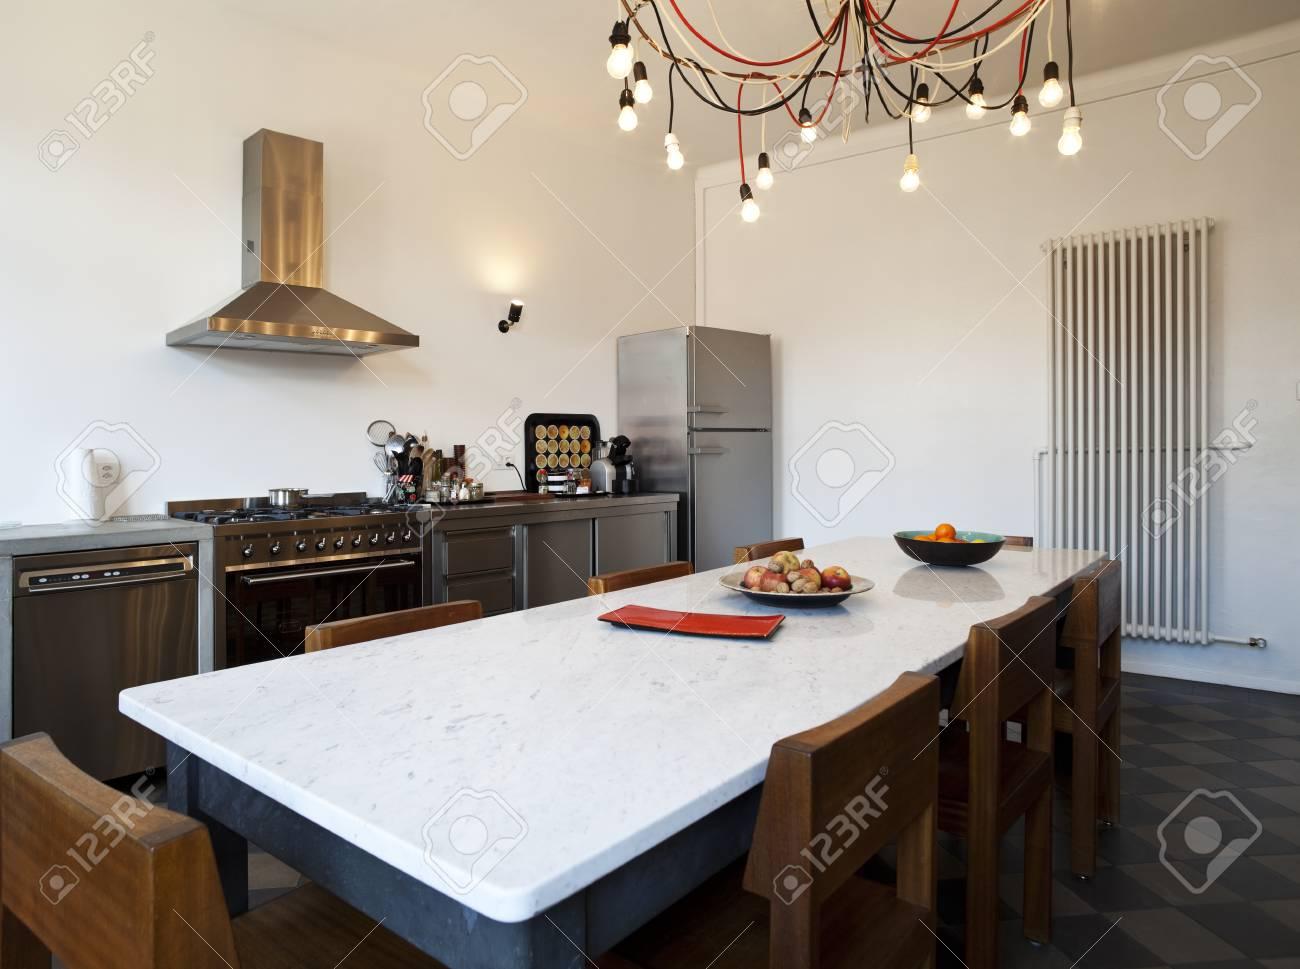 Appartement Vintage cuisine aménagée,